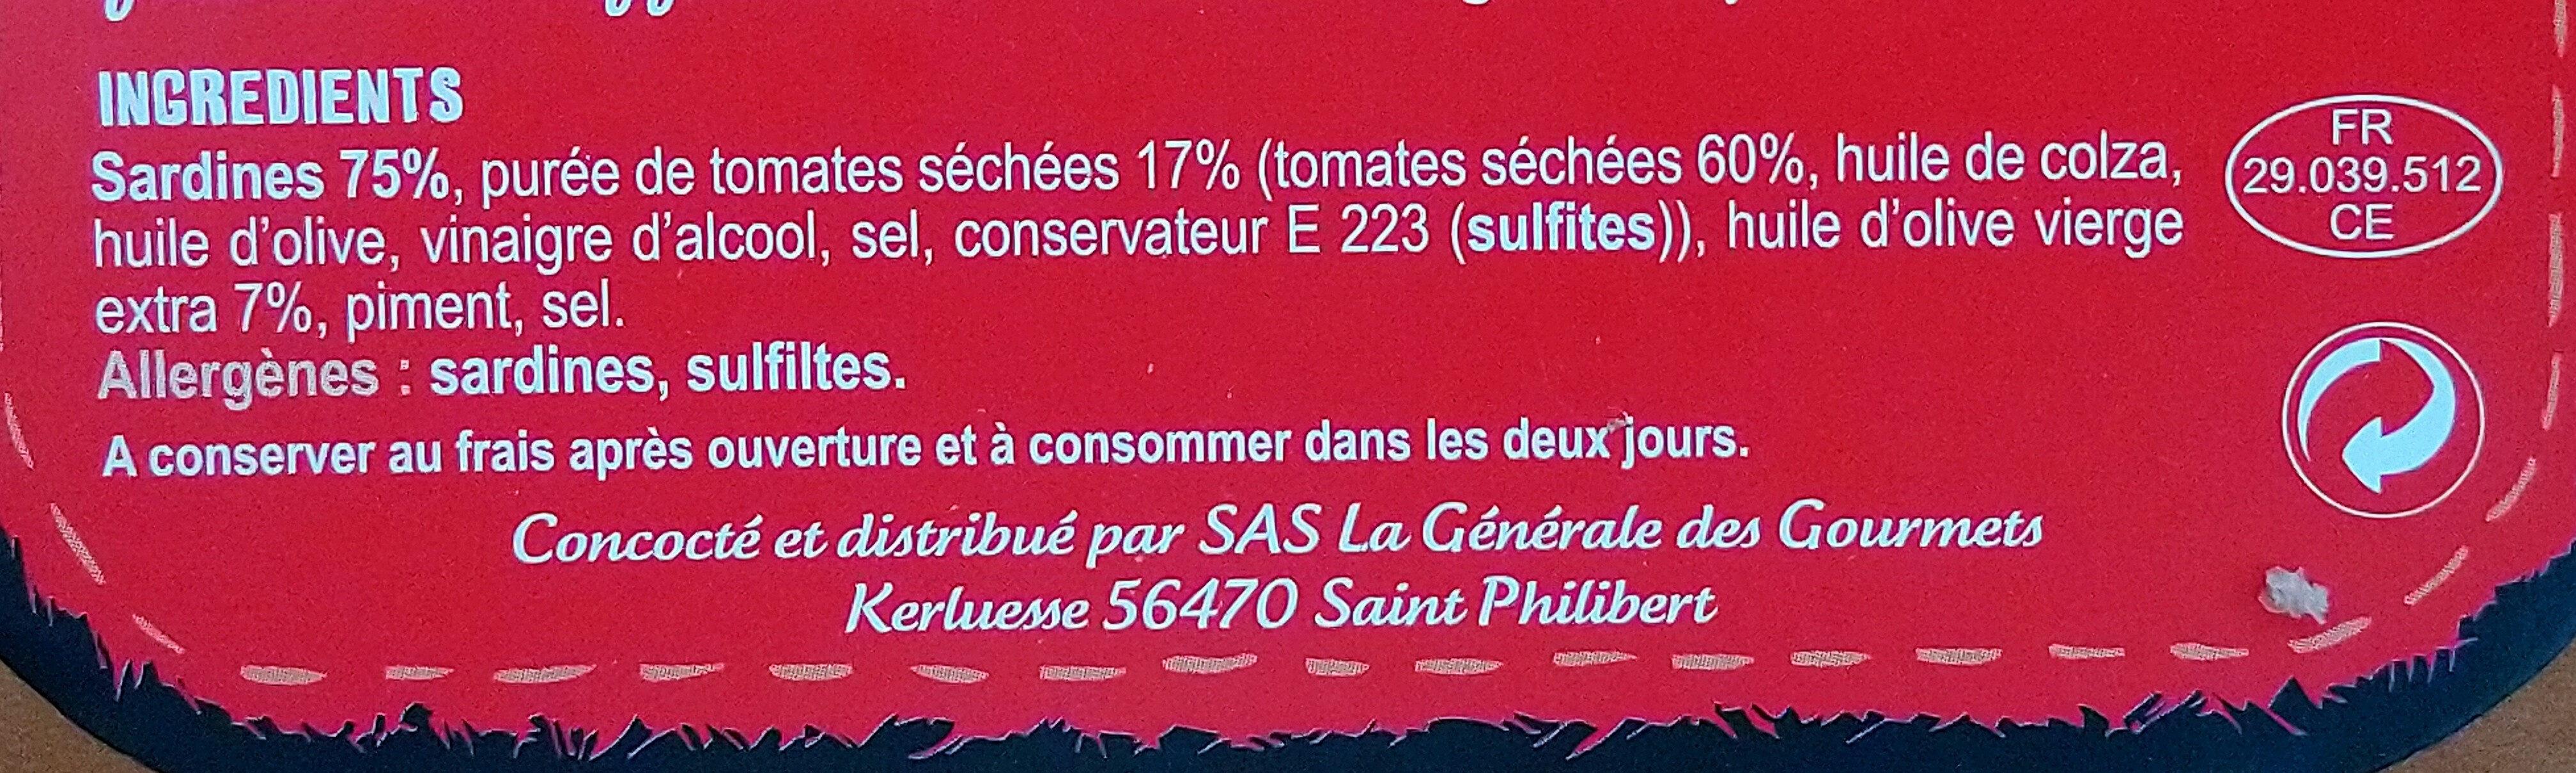 Sardines aux tomates séchées - Ingrédients - fr